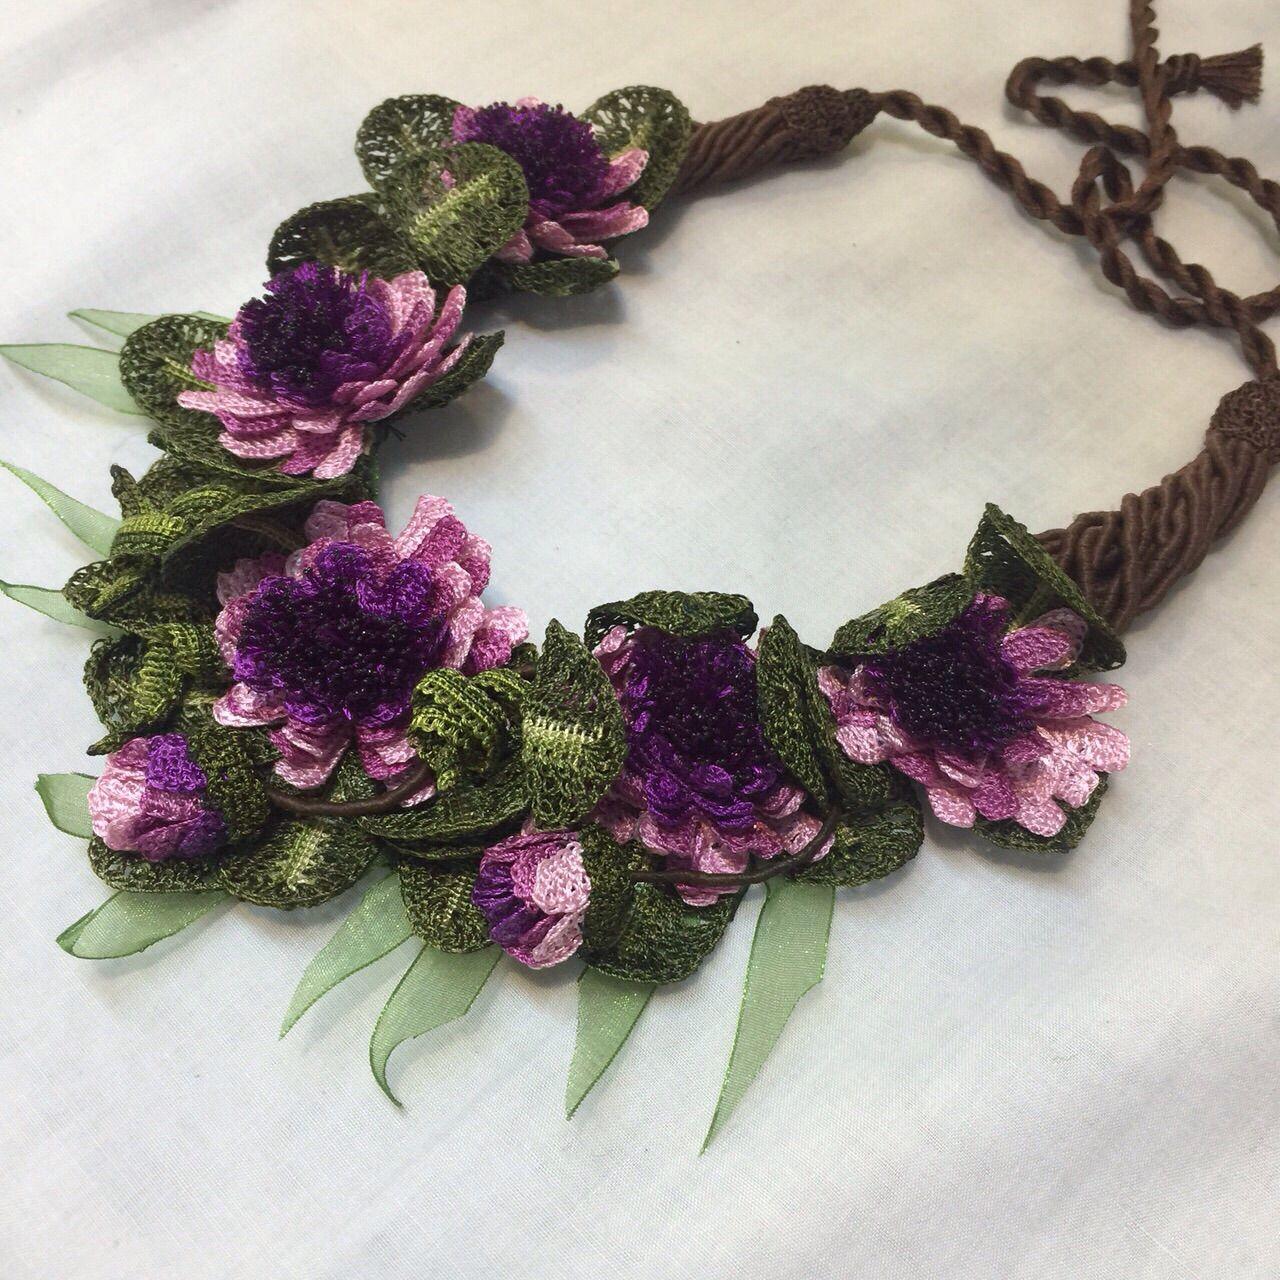 Pin By Bozena Missoni On Crochet Jewelry Inspiration Pinterest